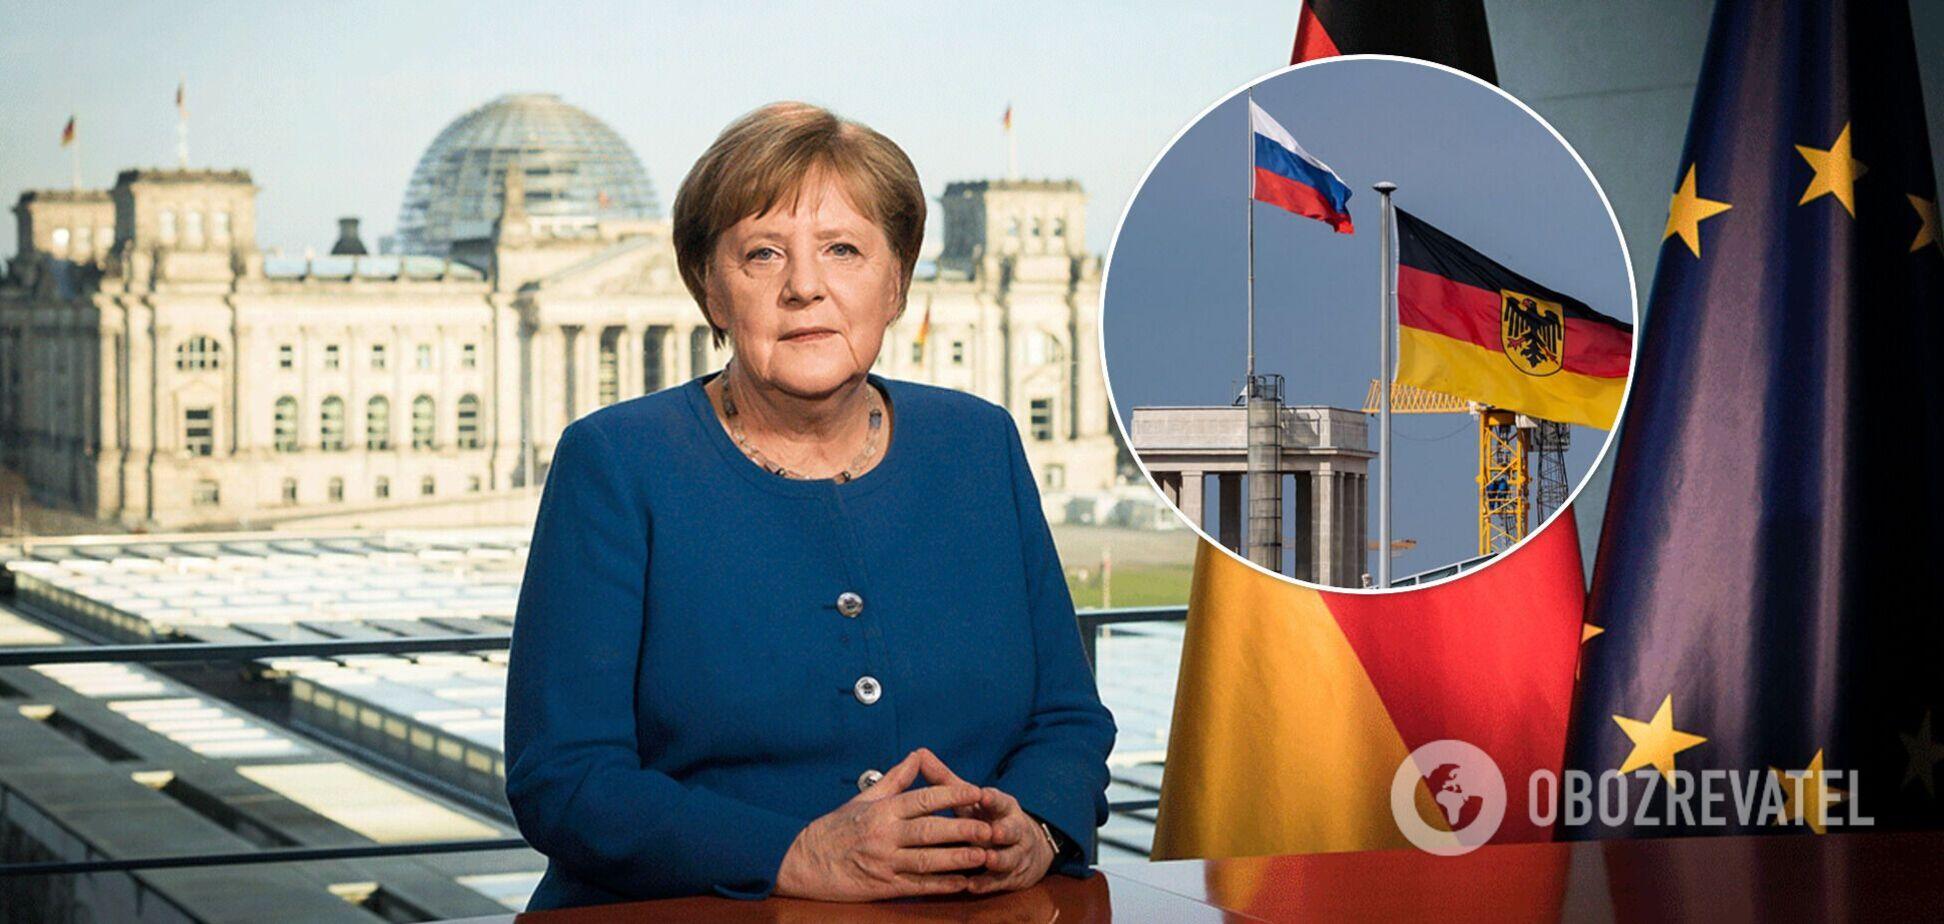 Меркель назвала нападение нацистской Германии на СССР 'поводом для стыда' и вспомнила агрессию РФ против Украины